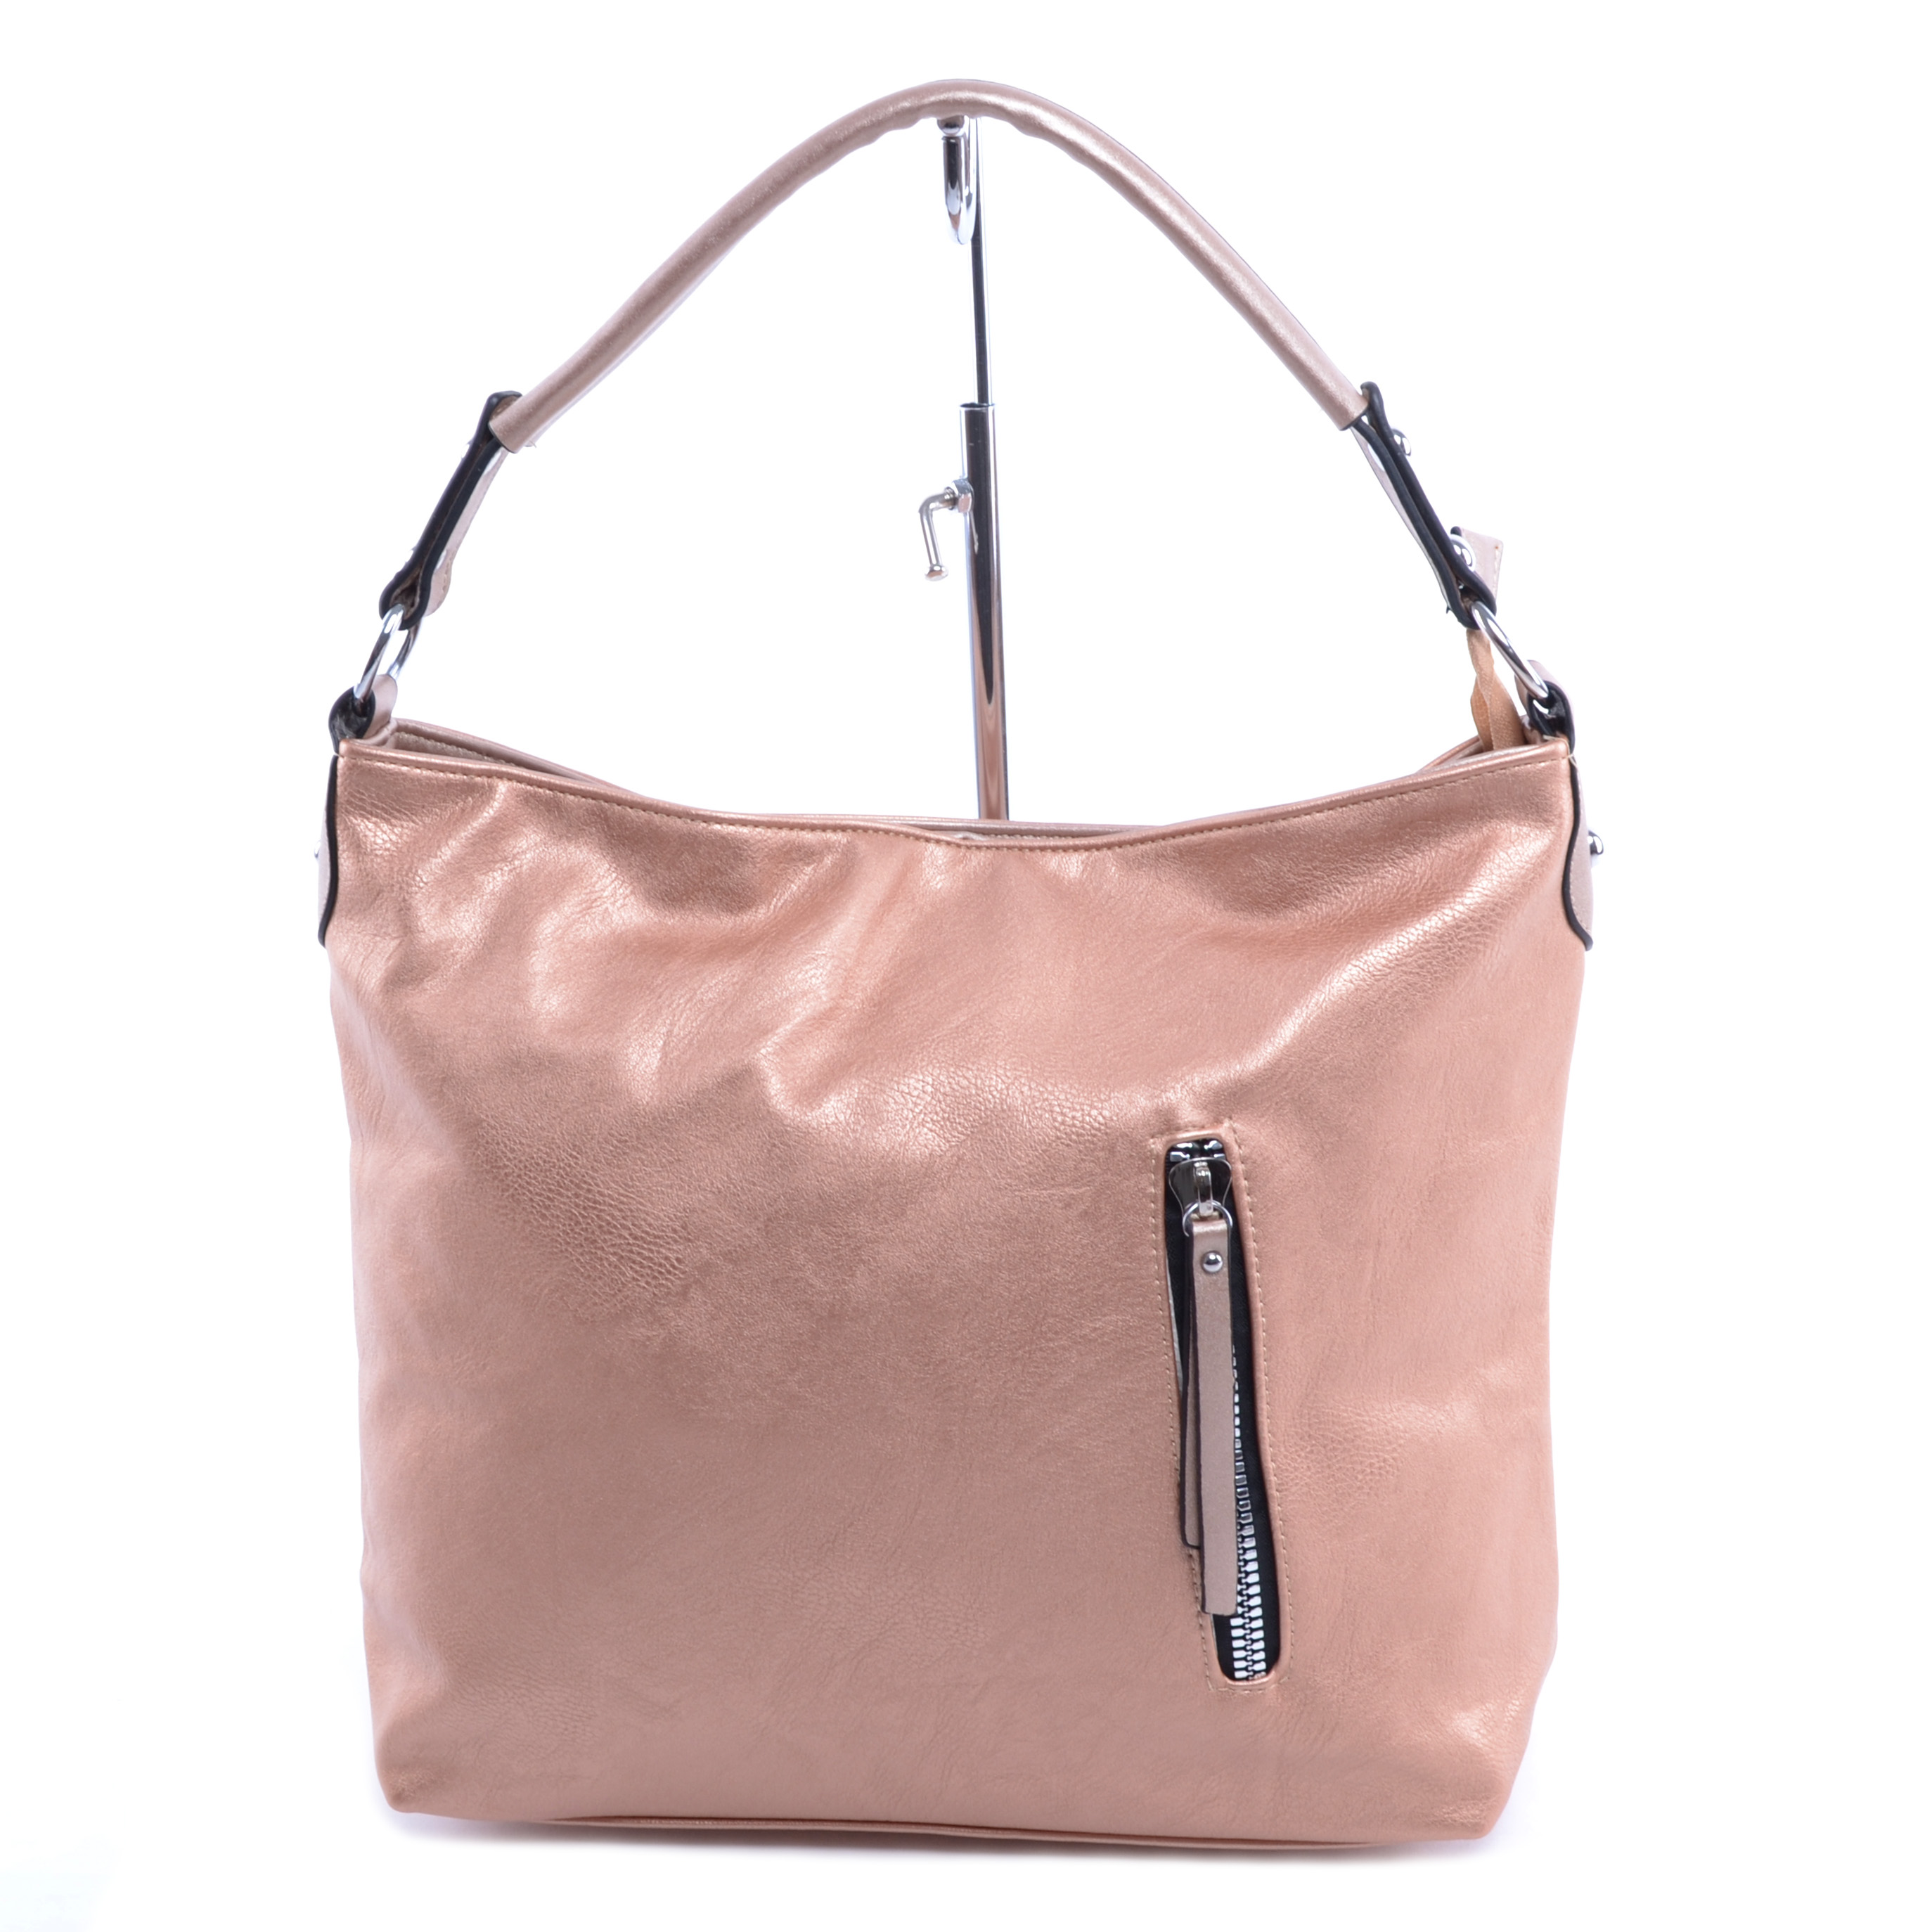 Rózsaarany Női Műbőr Válltáska - Válltáskák - Táska webáruház - Minőségi  táskák mindenkinek cbc2e23cac